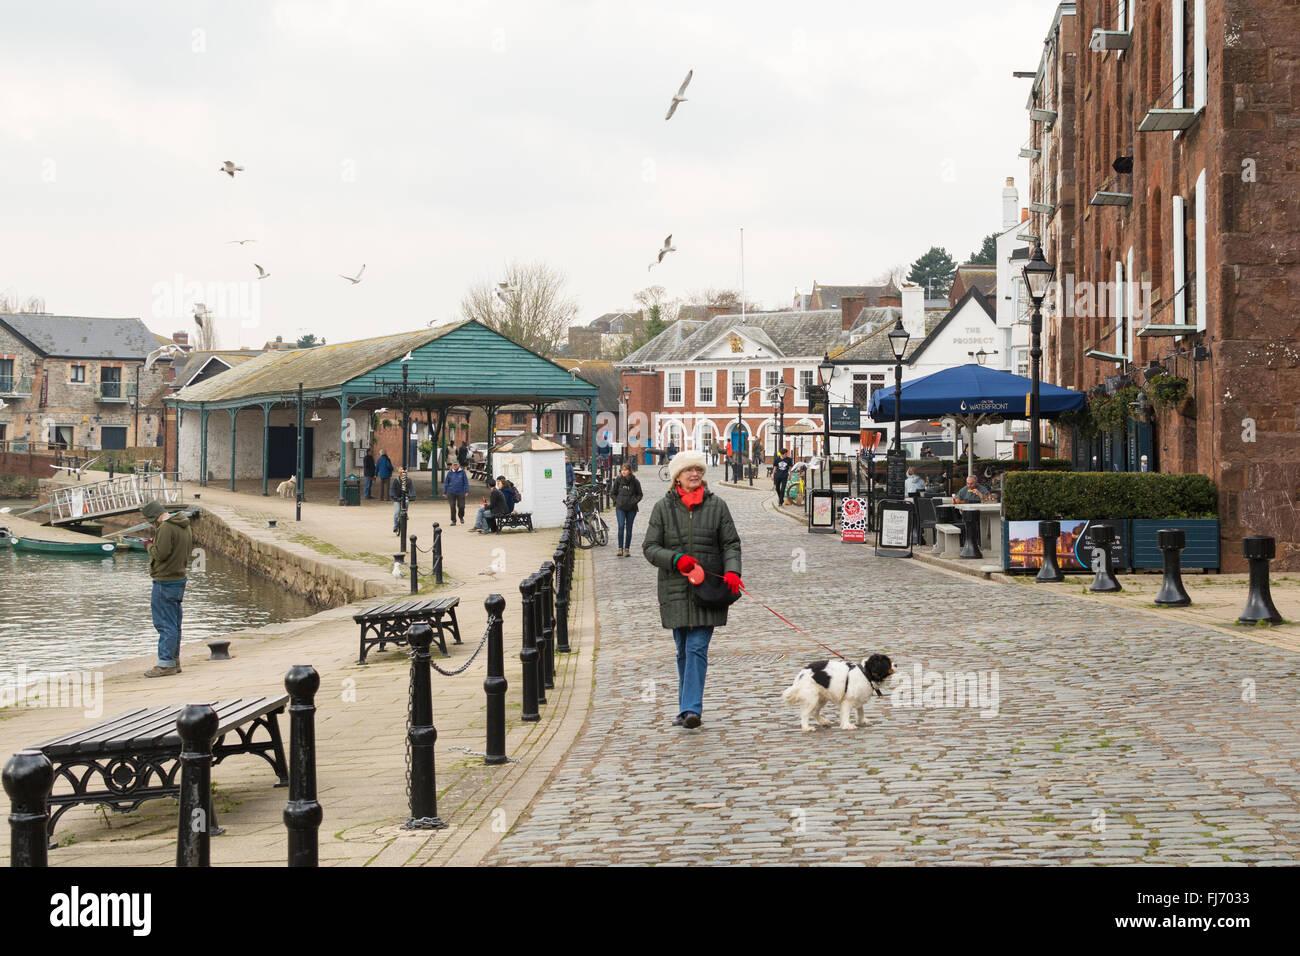 Exeter Quayside - une femme d'âge moyen promener son chien le long de la côté de la rivière Exe en hiver Banque D'Images